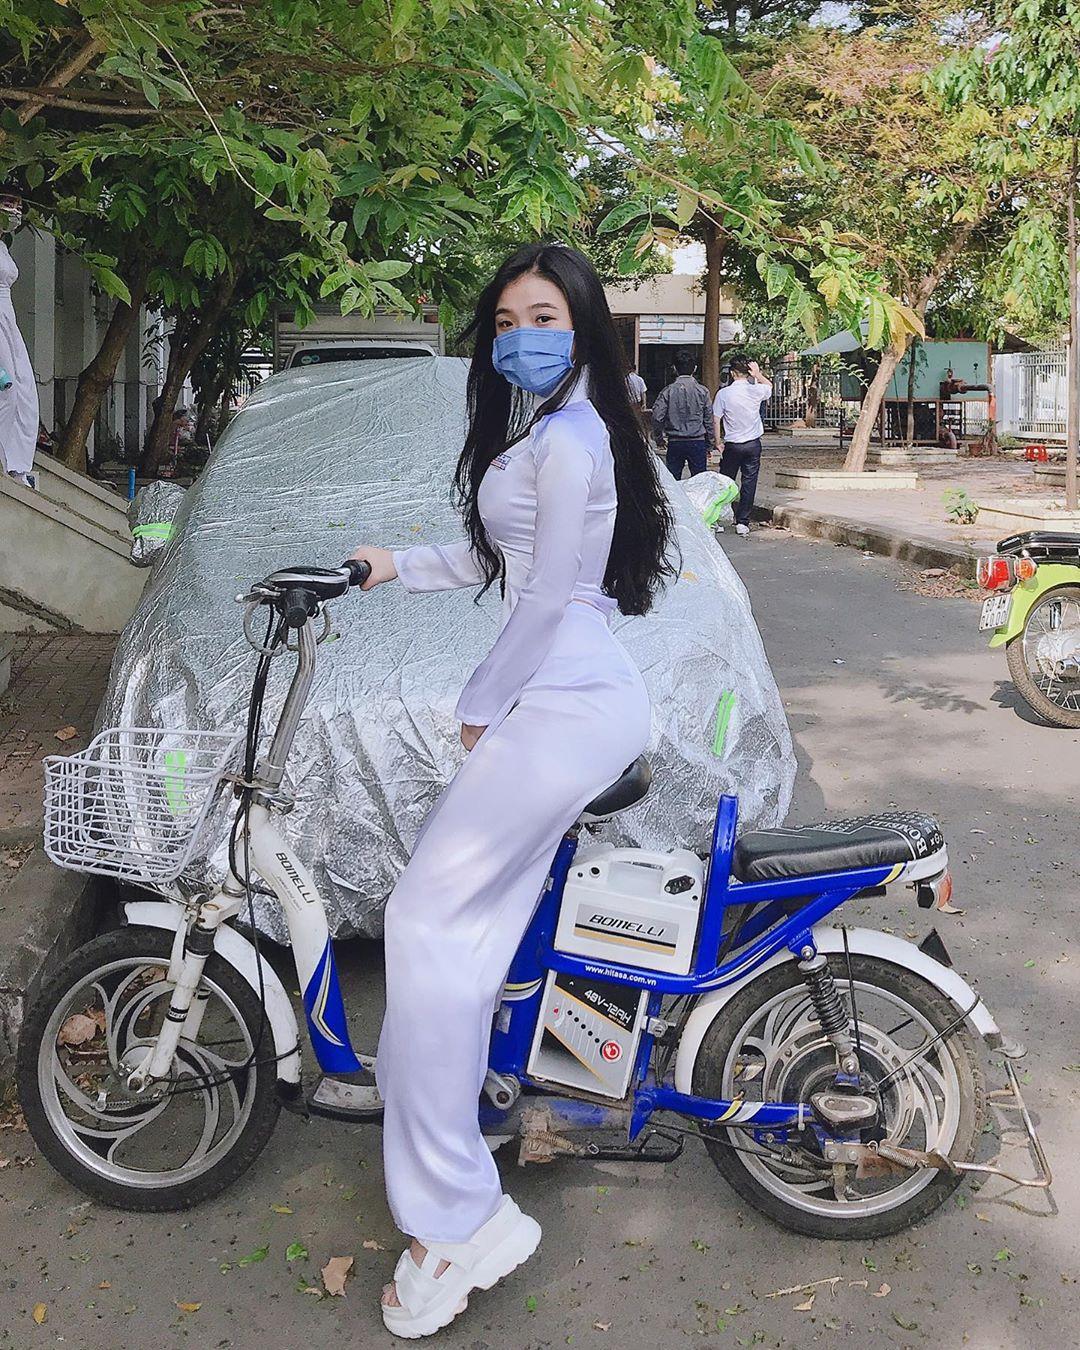 想认识一下!越南学生妹《Phan Thị Bảo Trân》腰瘦奶蹦好优质! 福利吧 第7张